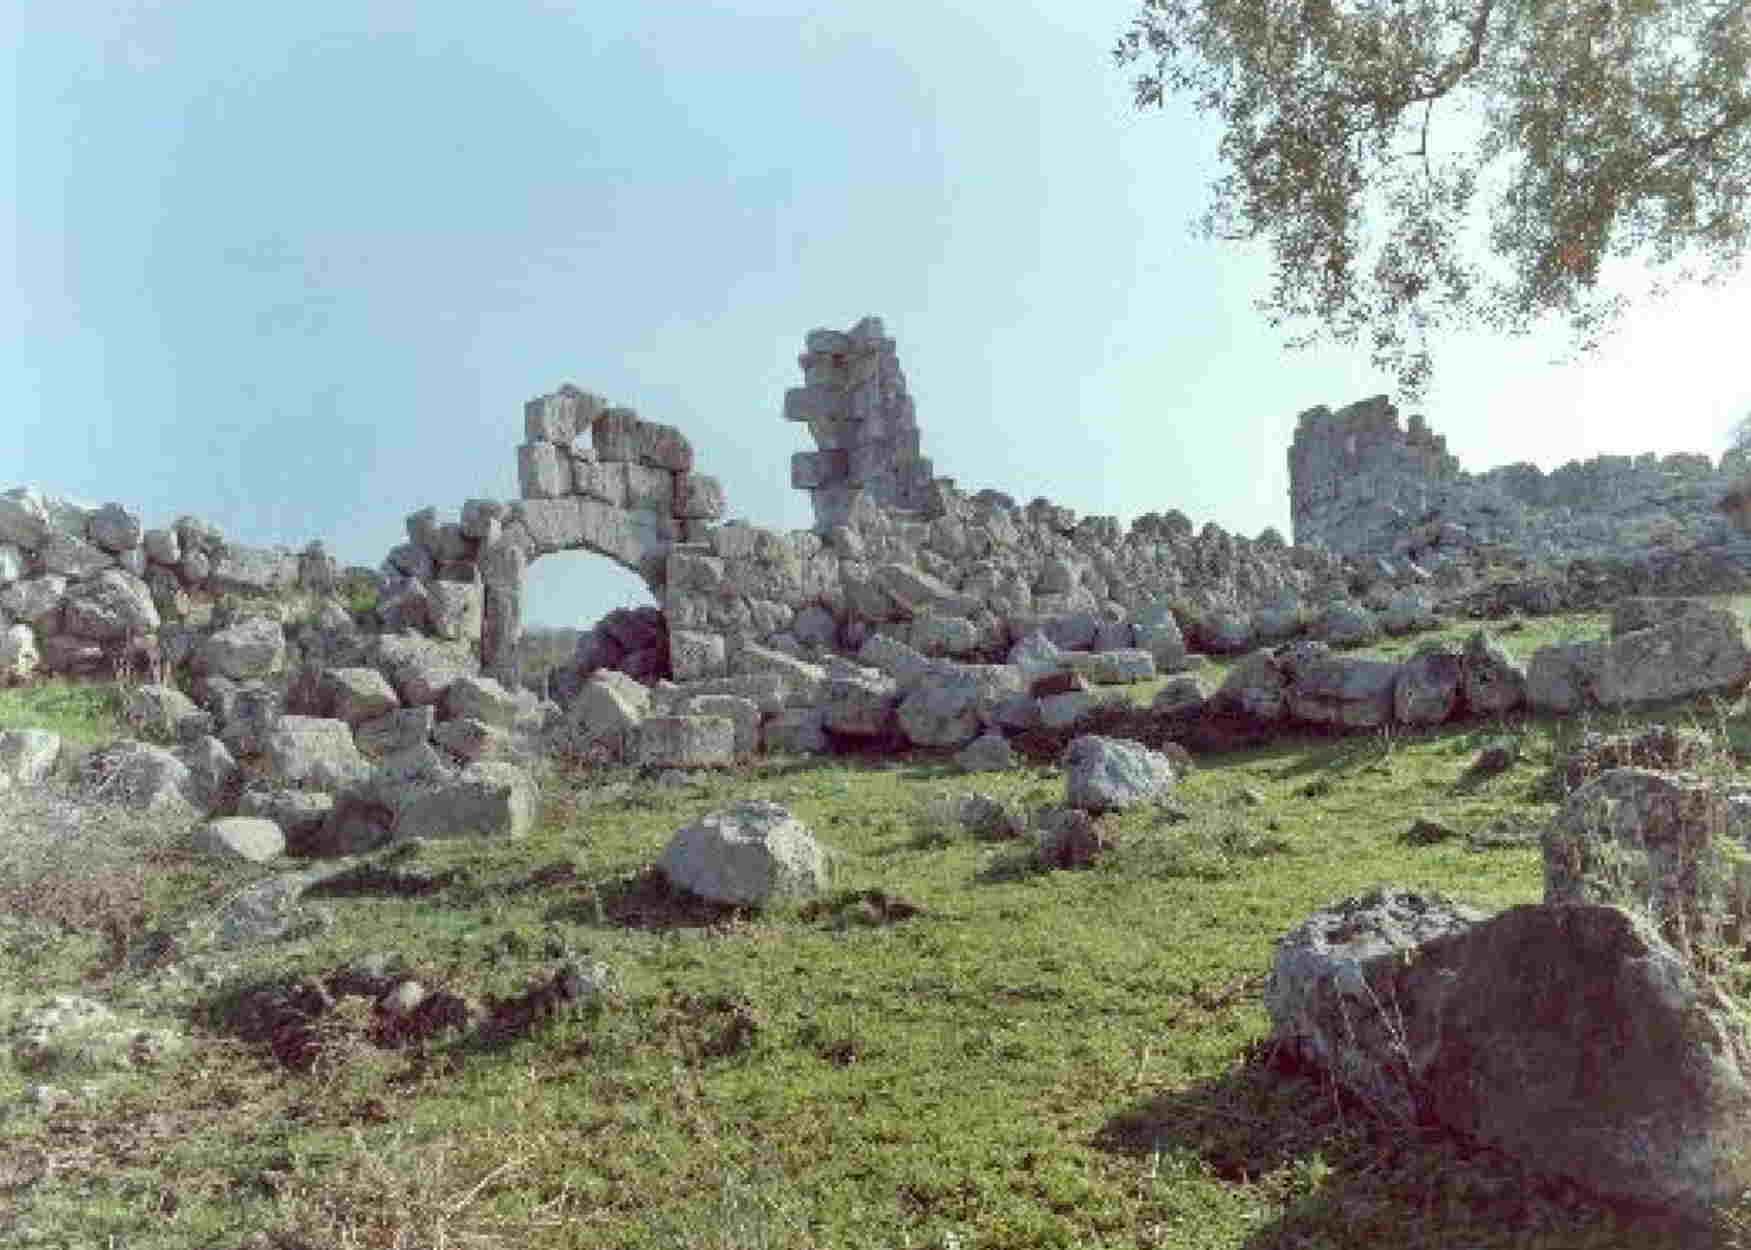 Πώς είναι σήμερα η άγνωστη αρχαία ελληνική πόλη με τον βασιλιά που δεν έπρεπε να τον δει ο ήλιος;